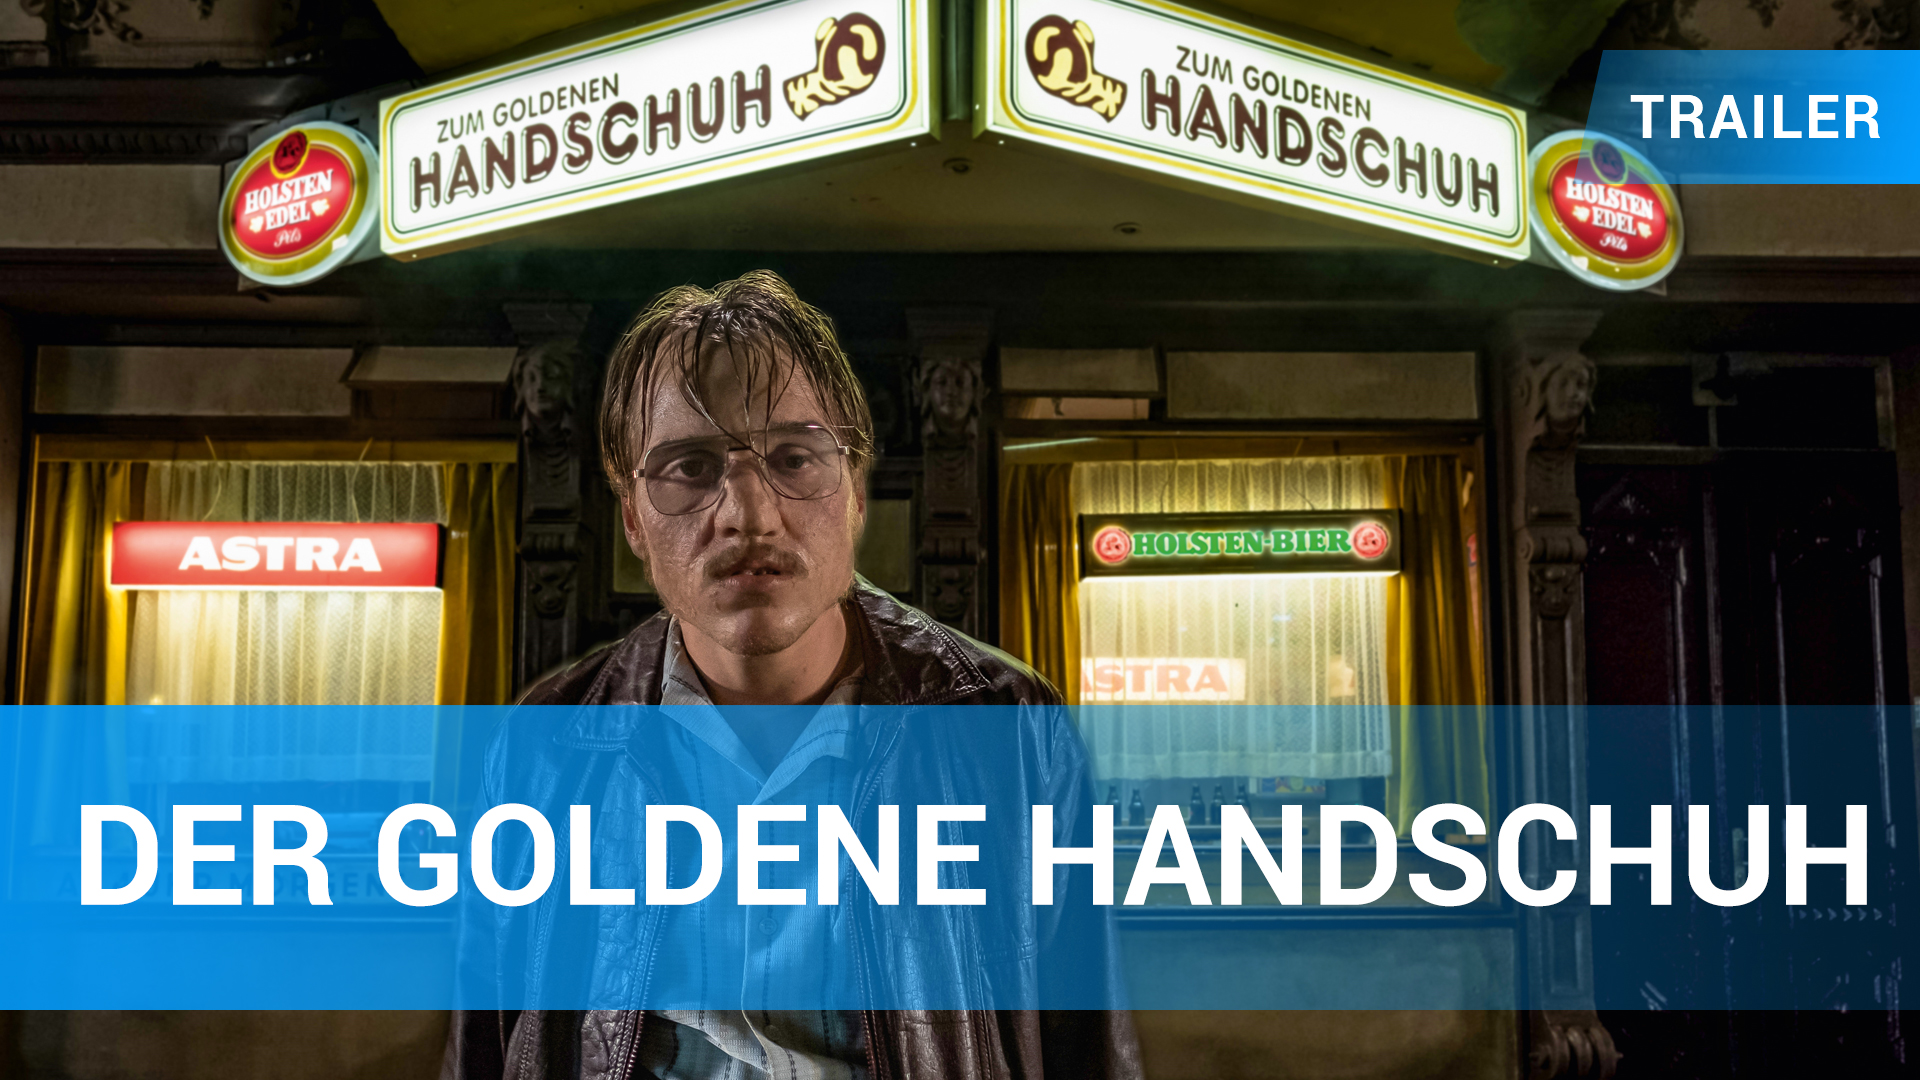 Der goldene Handschuh - Trailer Deutsch